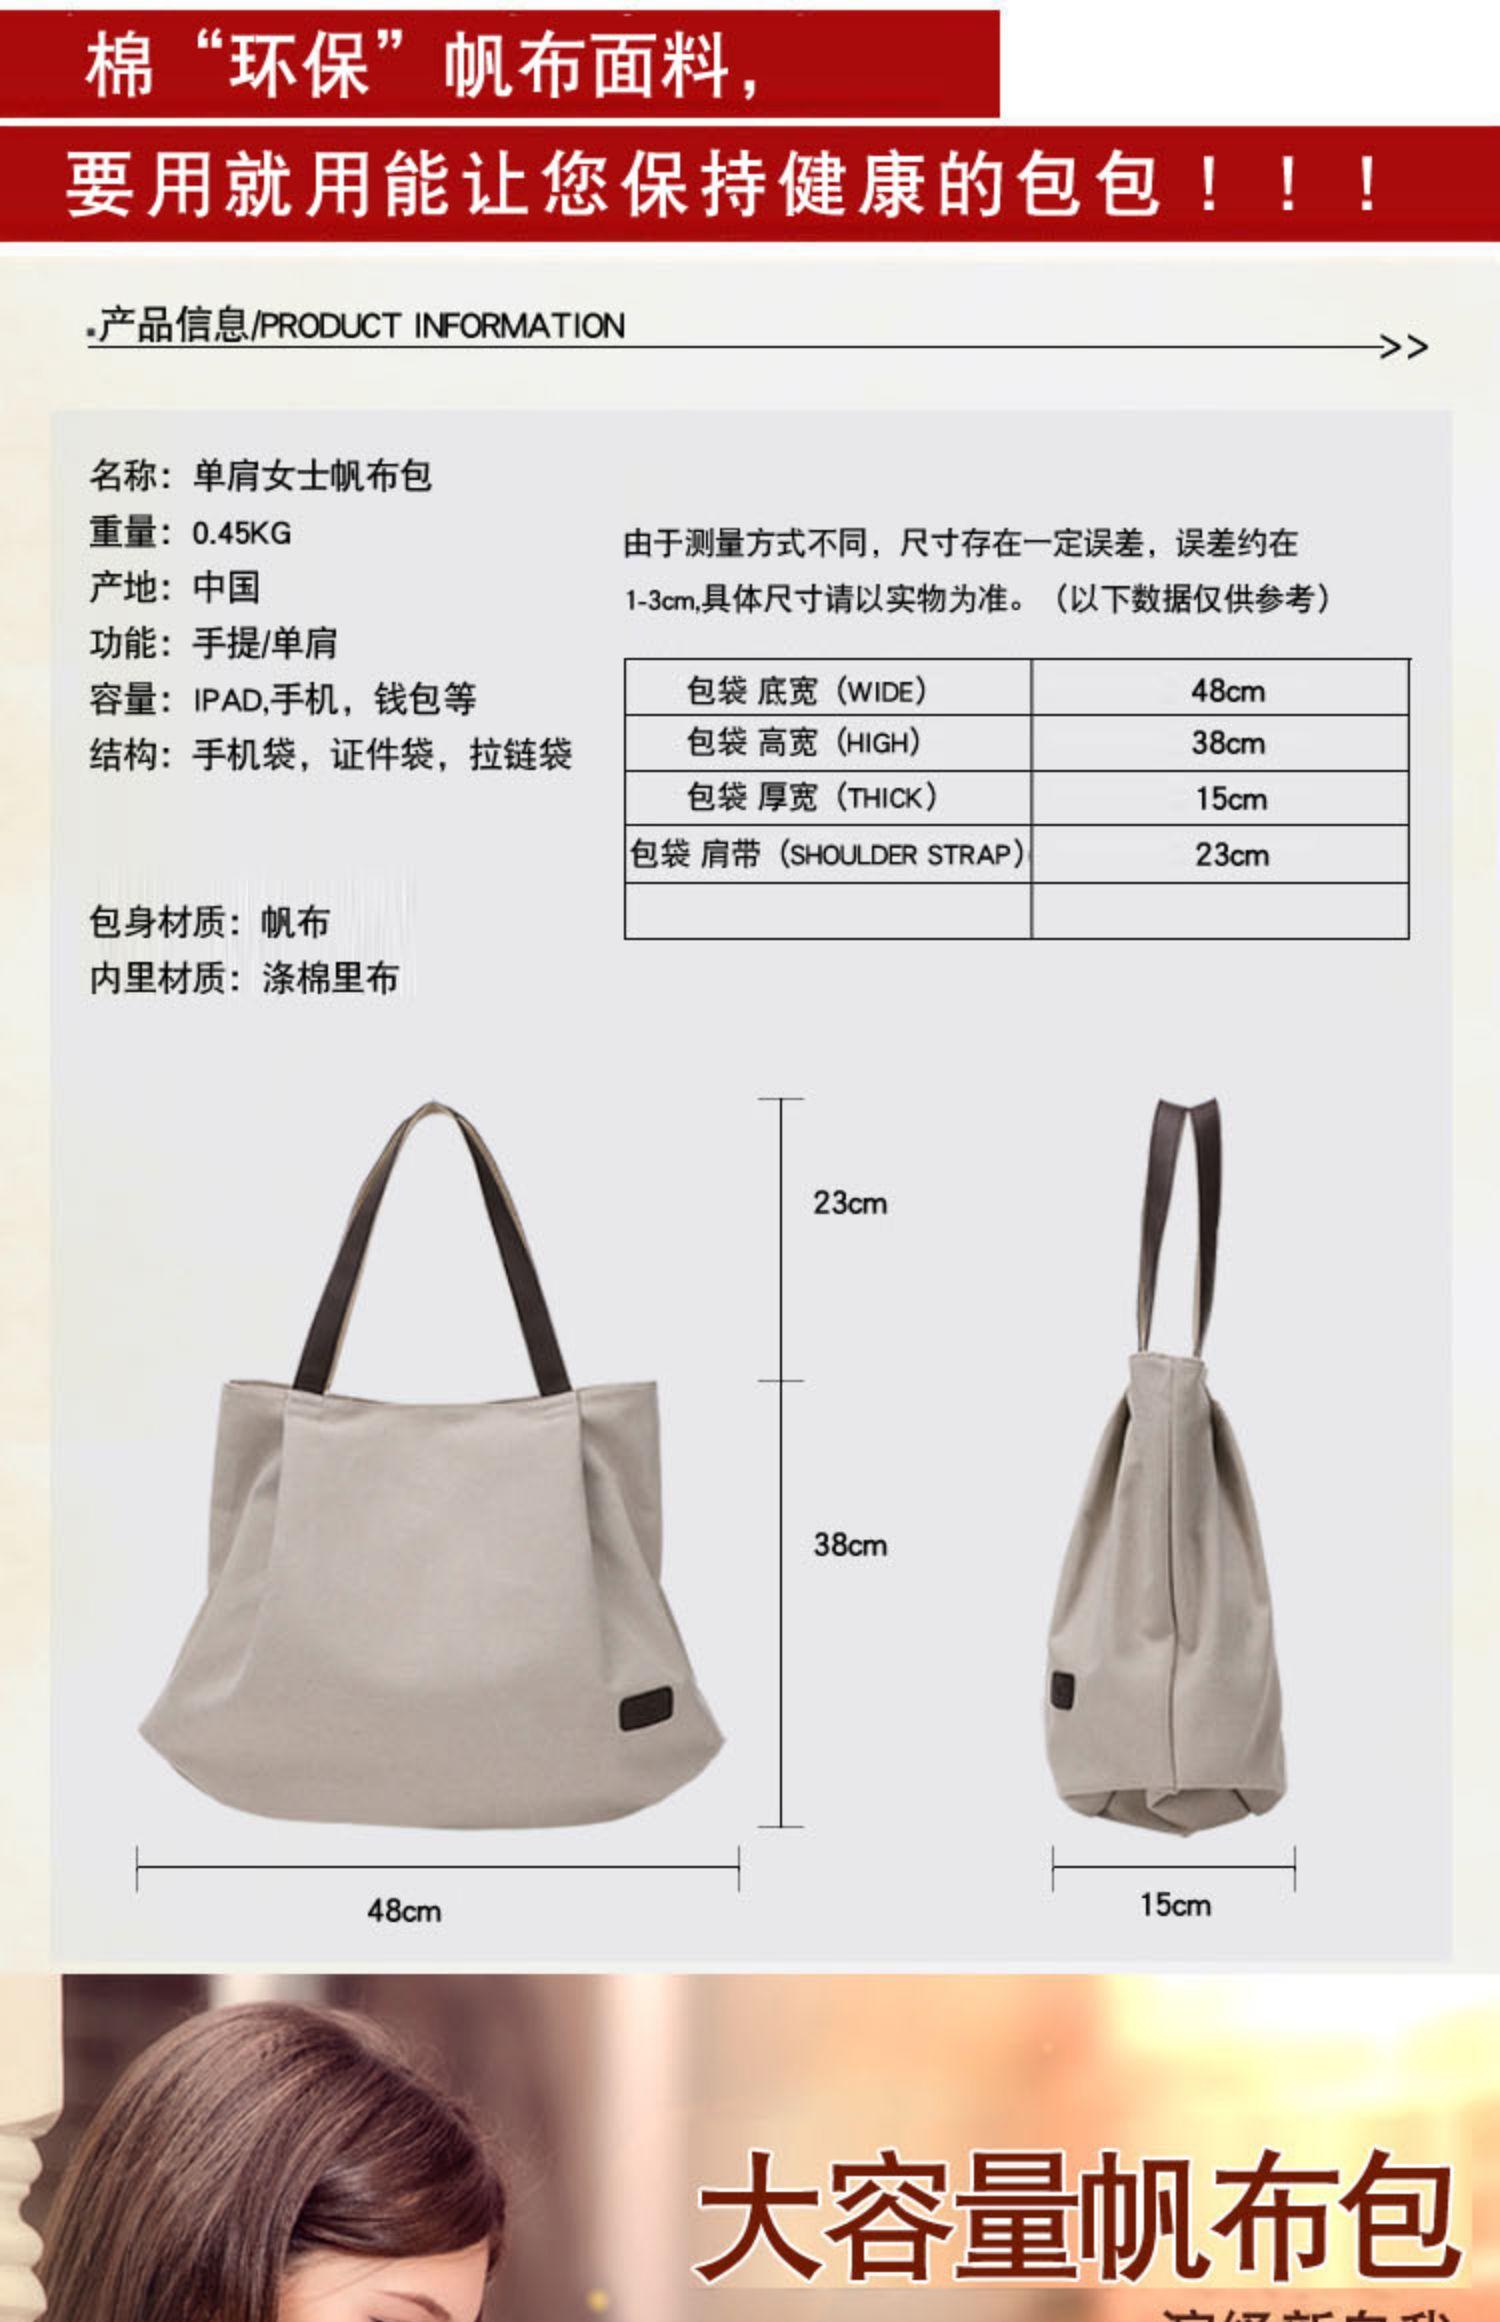 帆布包女包2019新款韩版手提包单肩包休闲包简约百搭女士包大包包商品详情图